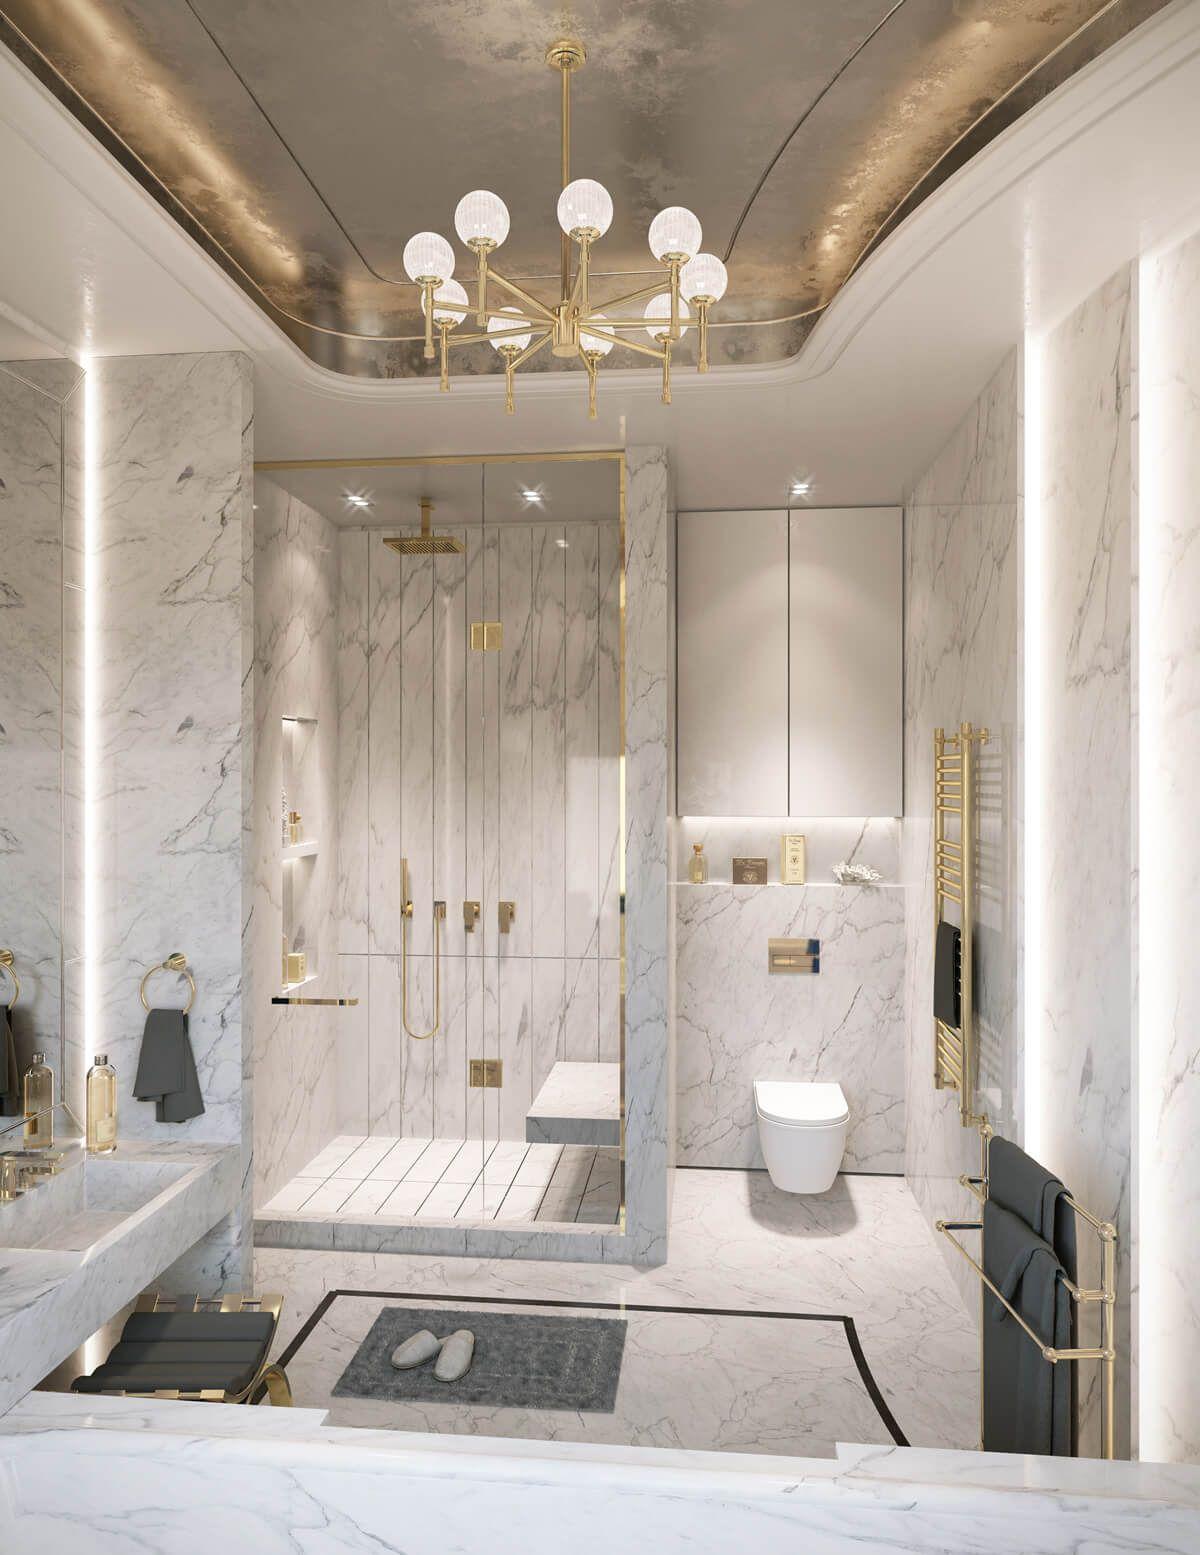 Thiết Kế Kính Phòng Tắm Đẹp